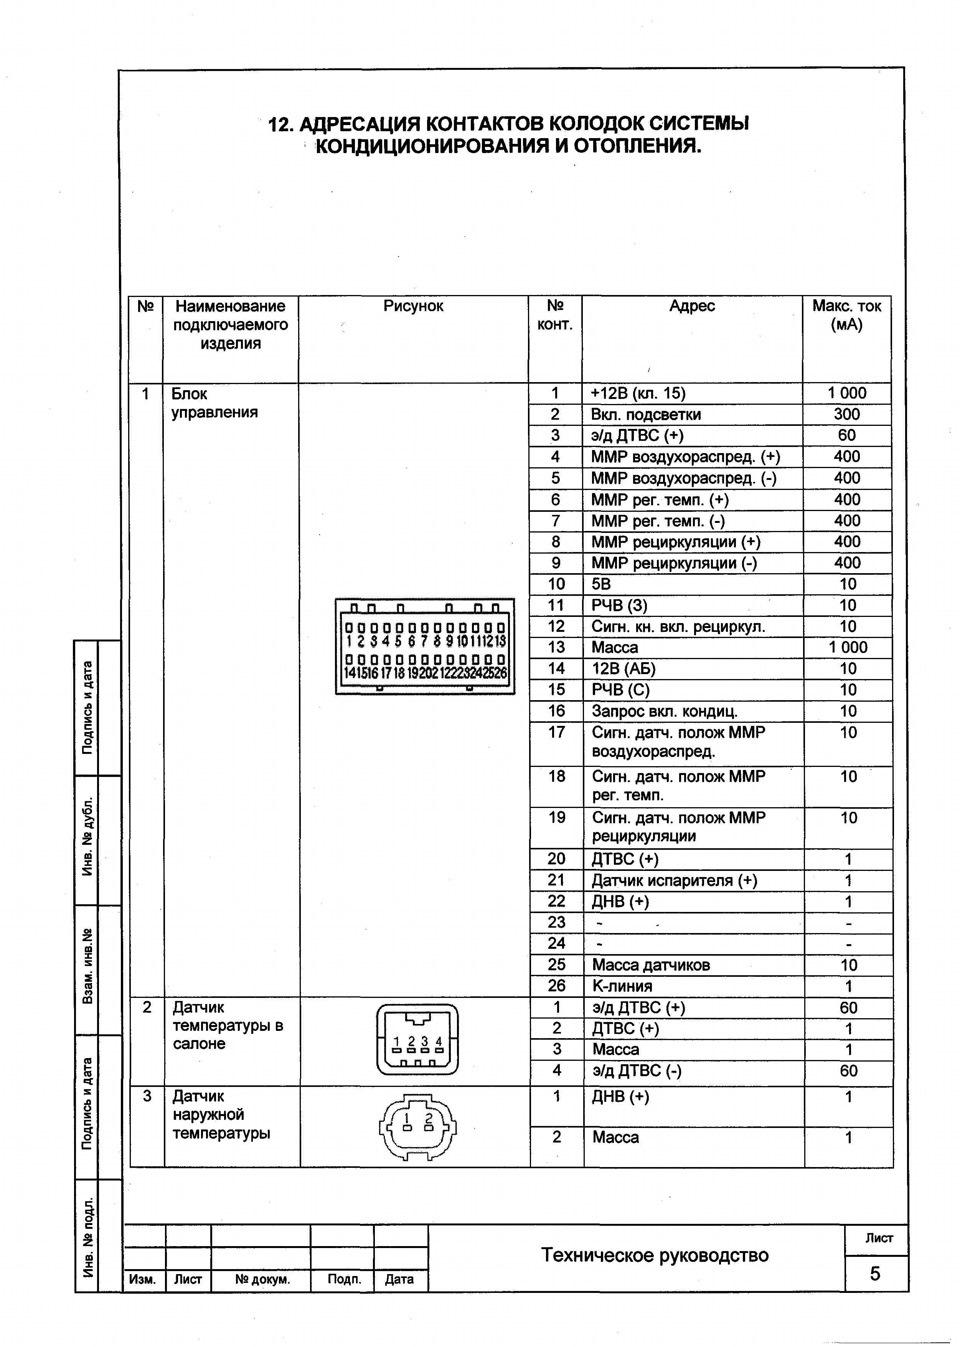 Схема подключения кондиционера 2110 фото 120